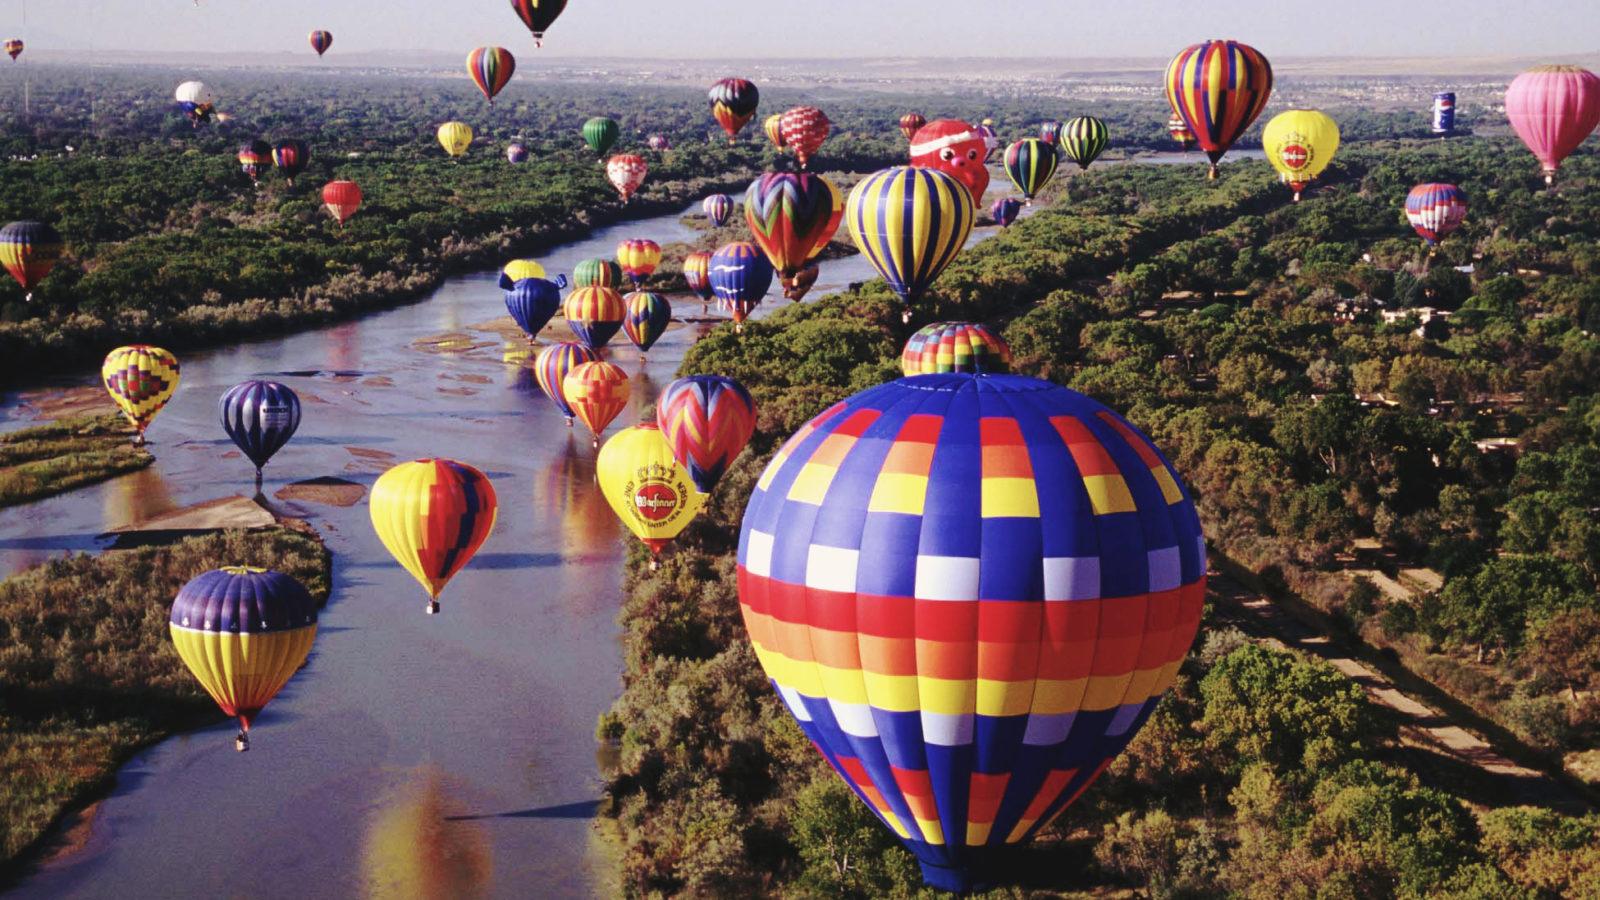 Balloon-Aerial-View-1-1600x900.jpg